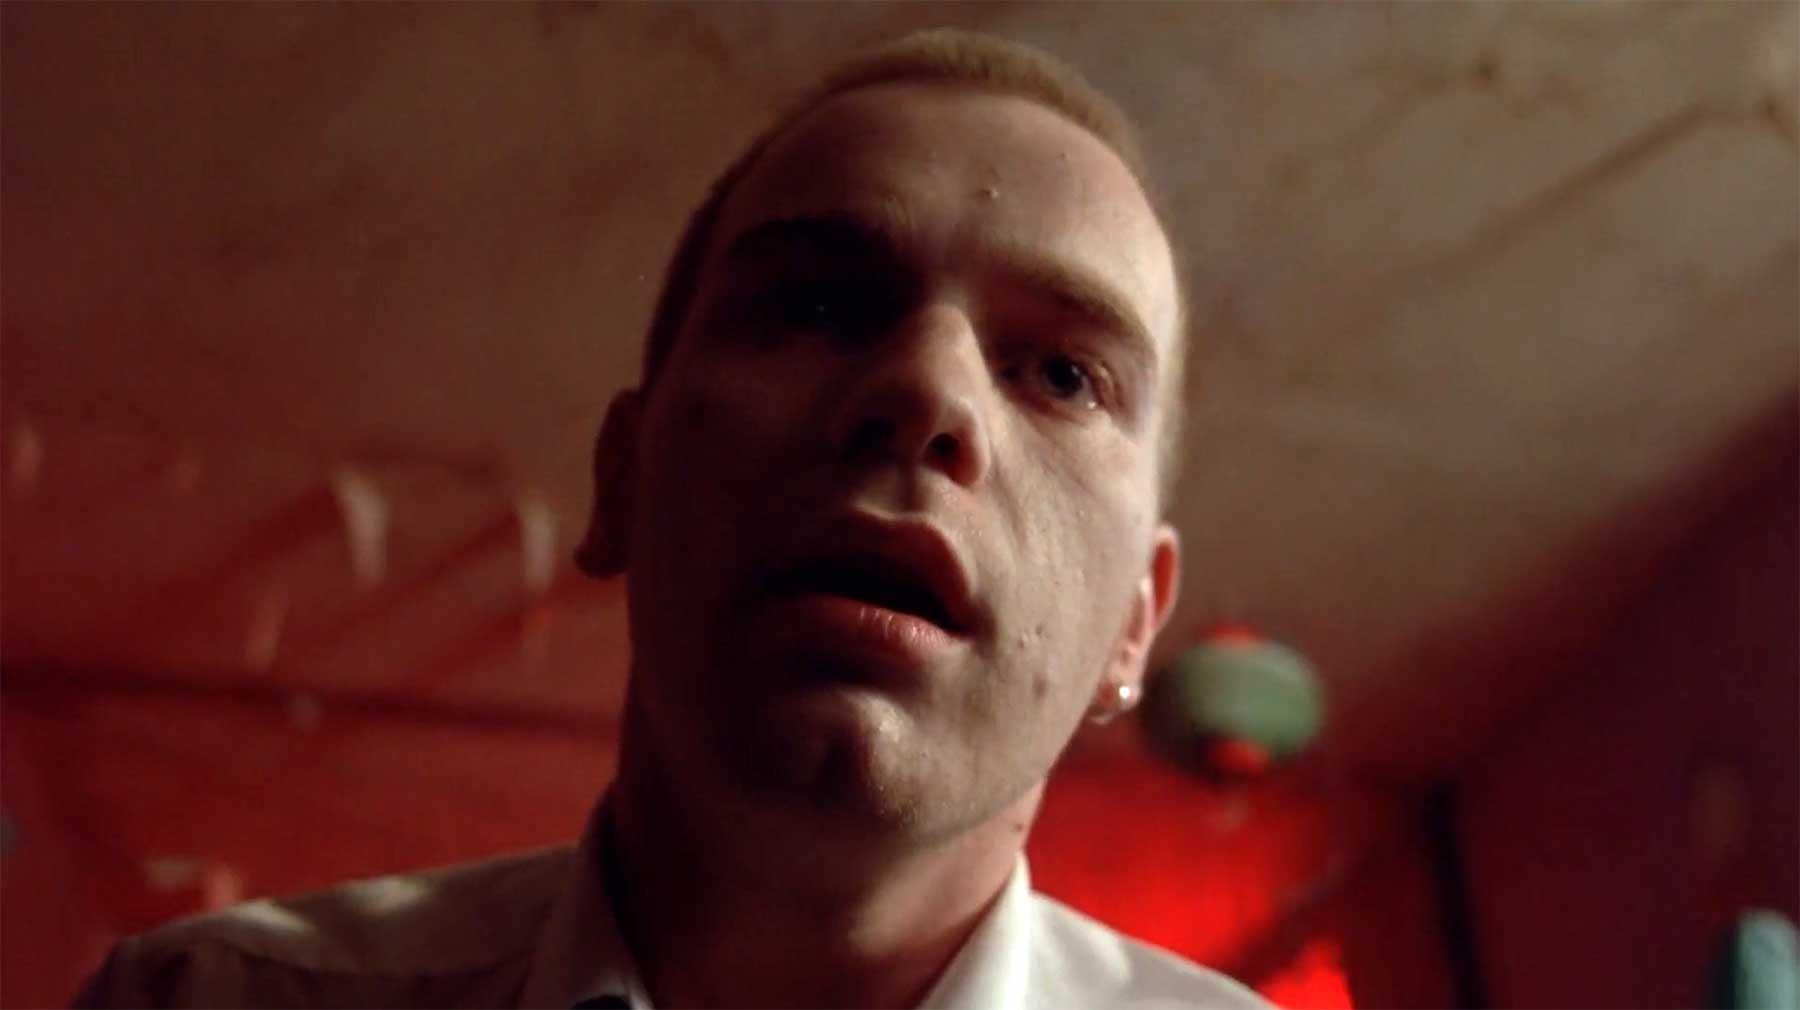 Drogentrips in Filmen